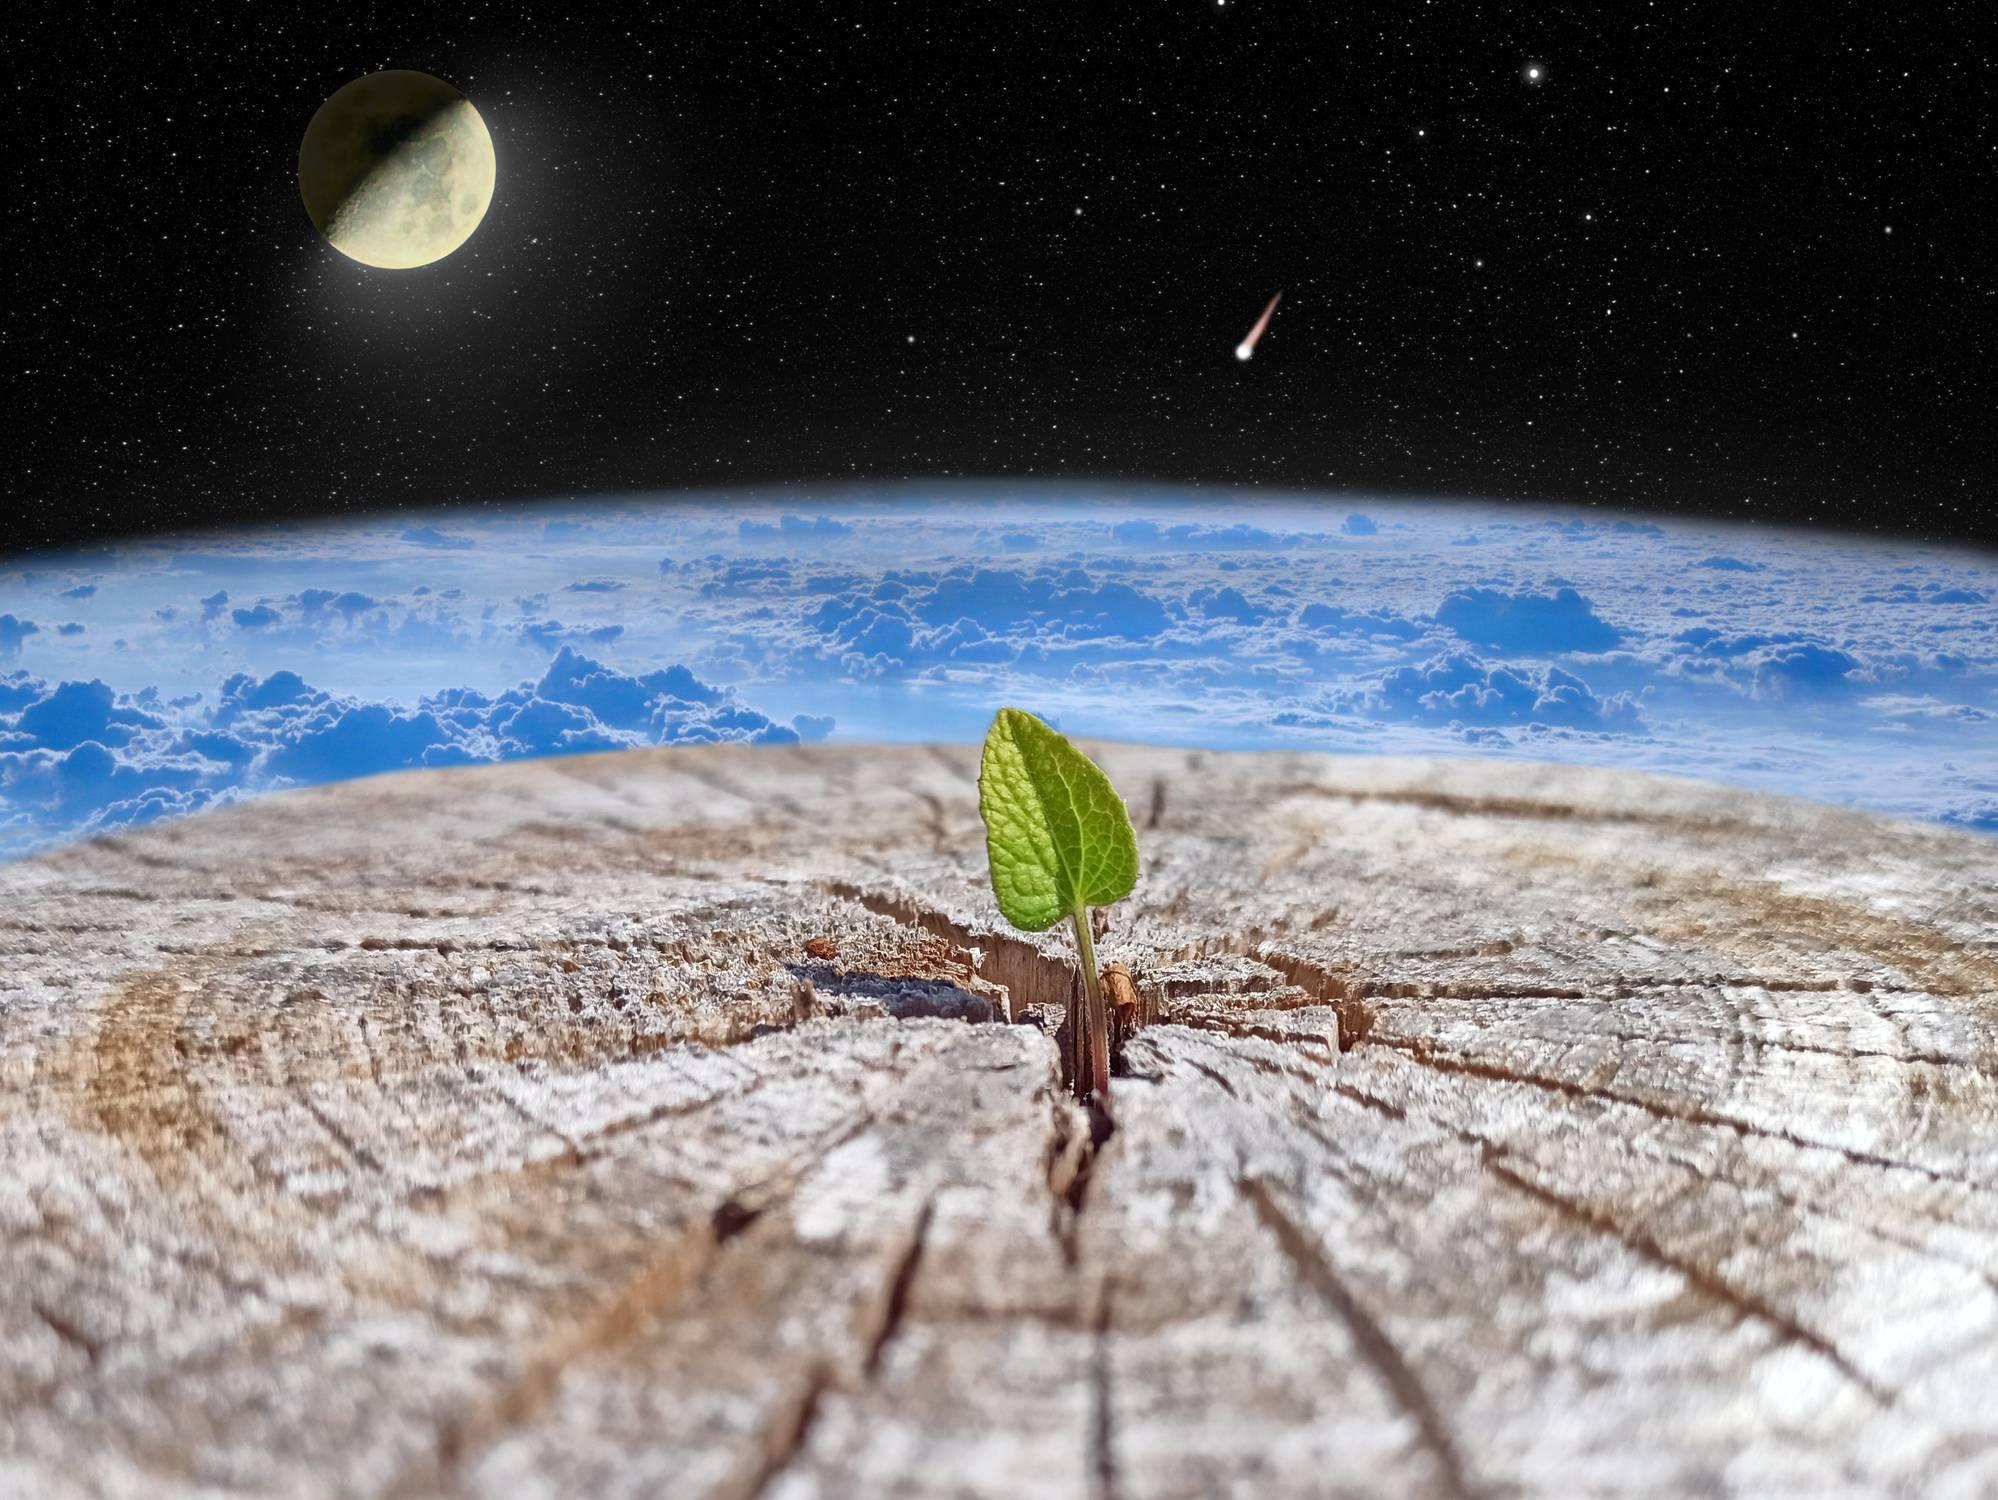 plante qui pousse sous l'action de la lune